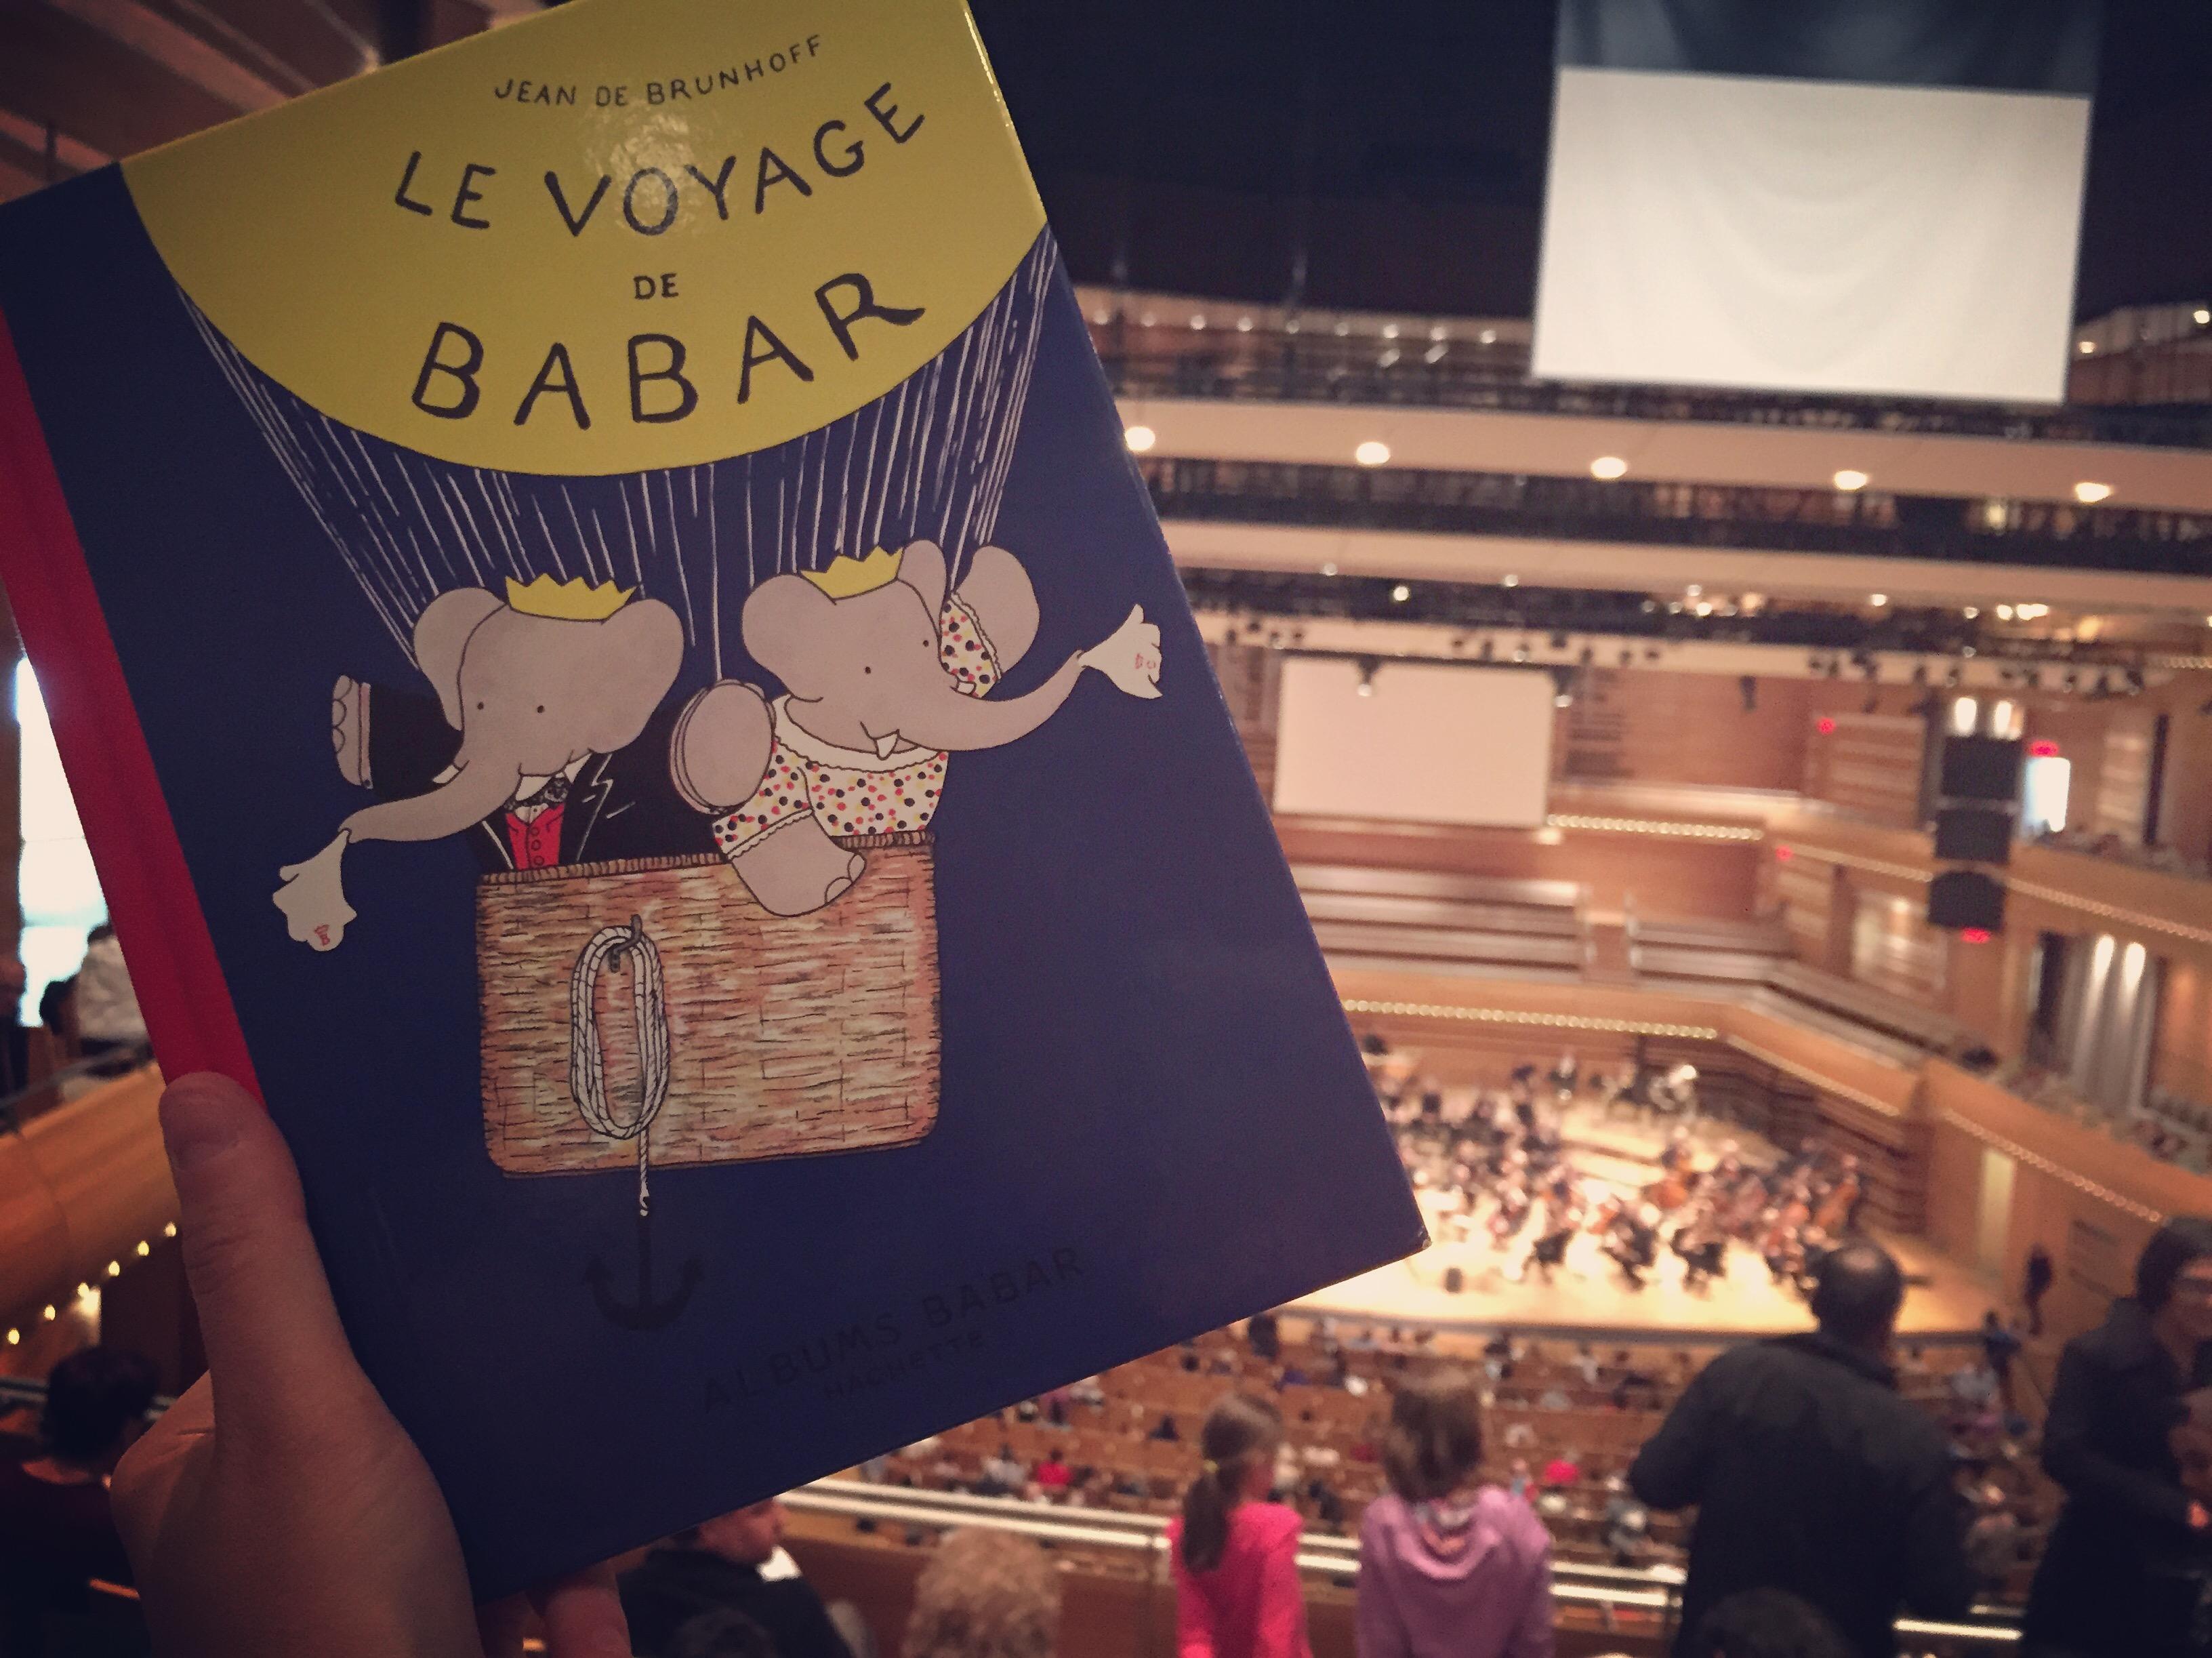 Babar célébré par l'Orchestre symphonique de Montréal